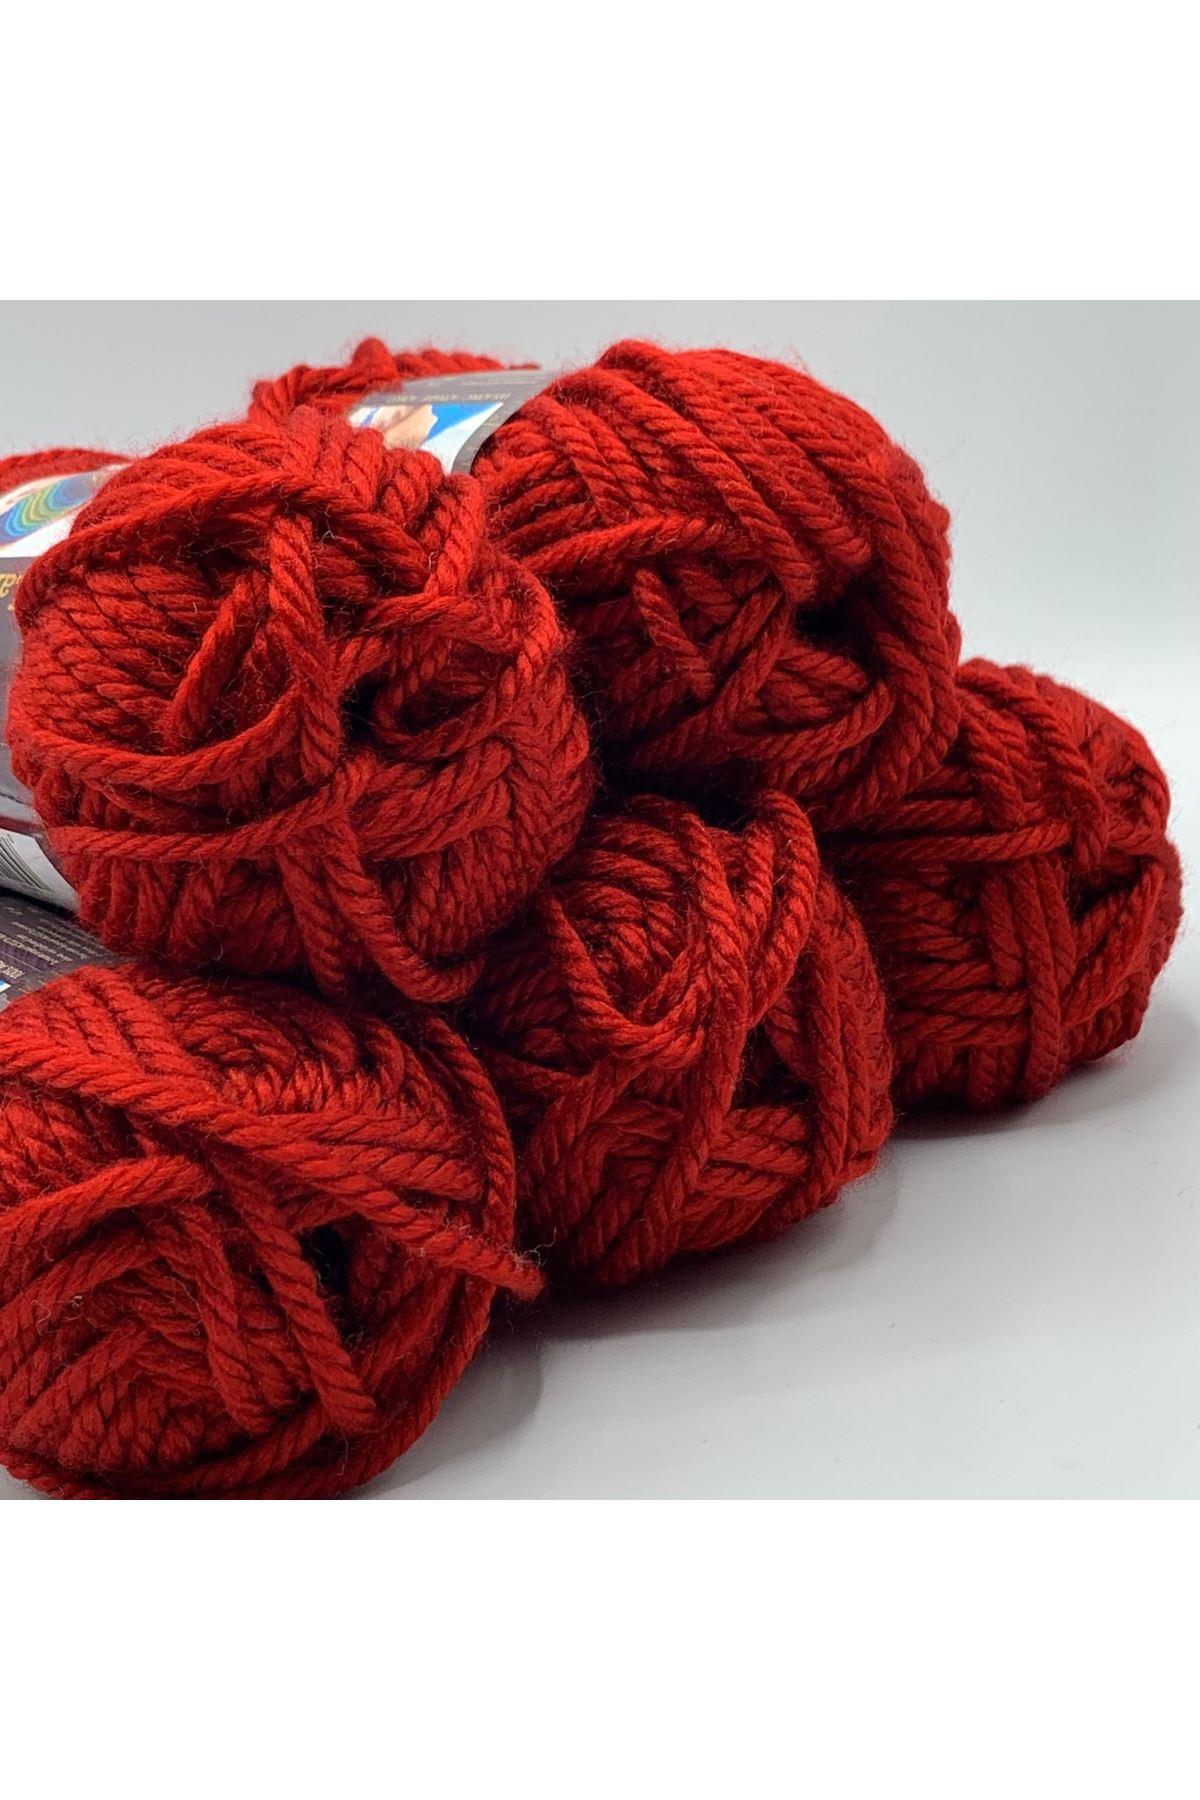 İhrac Fazlası 5'li Paket HIRKALIK Akrilik Kırmızı 354